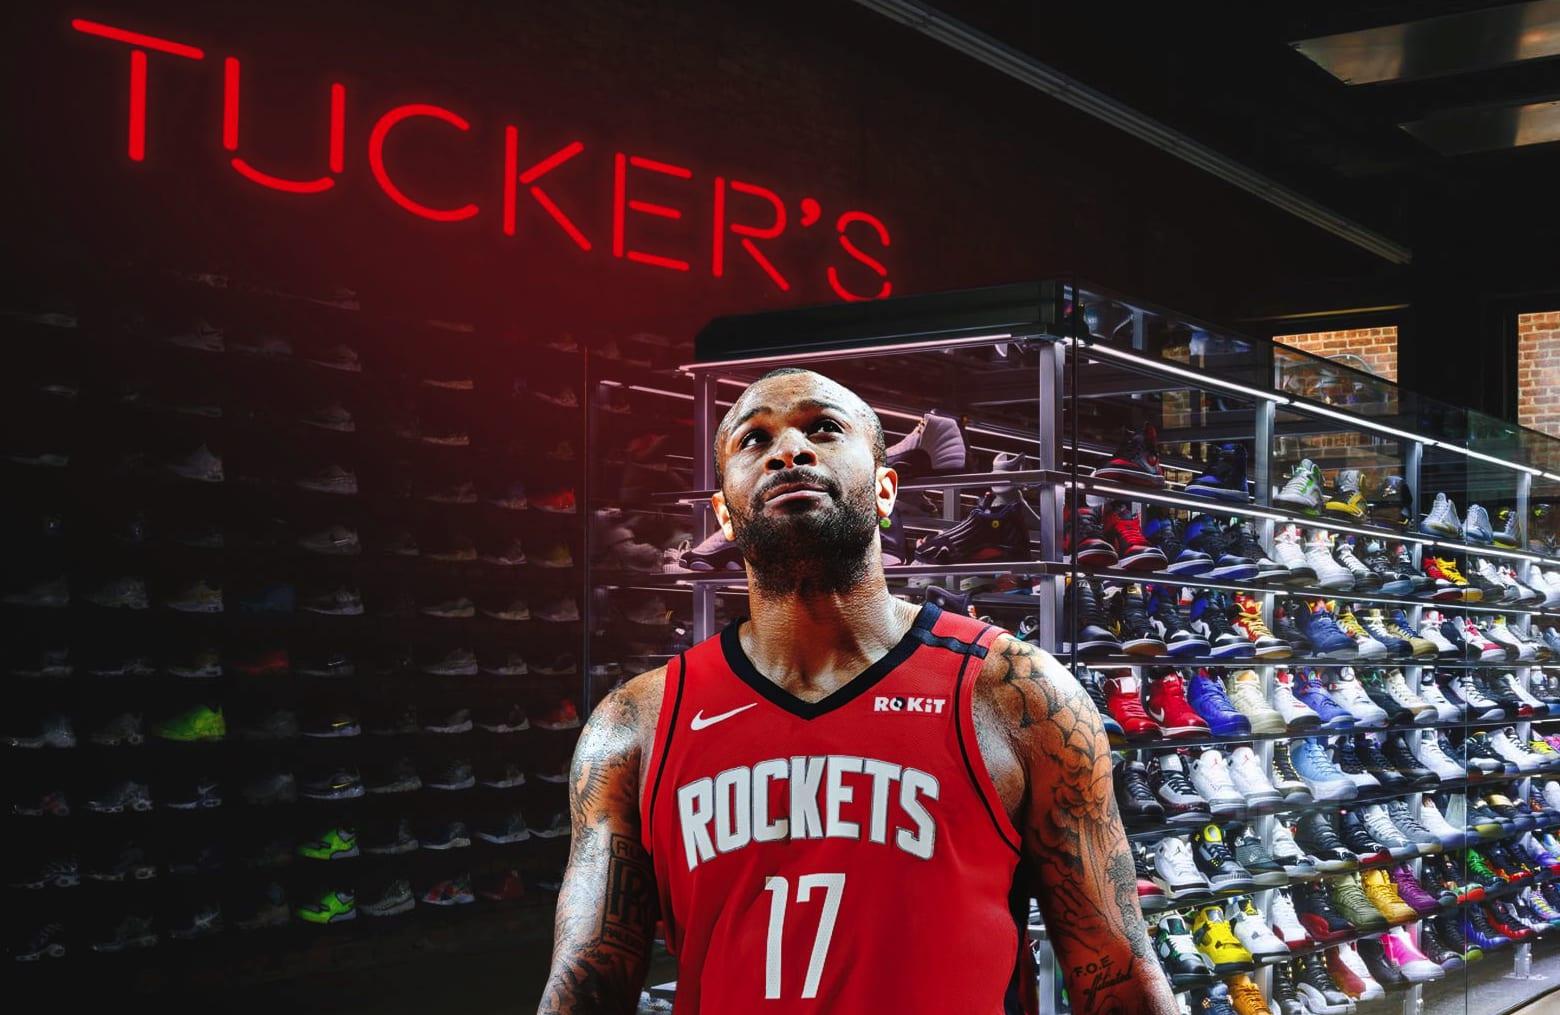 PJ tucker sneaker store